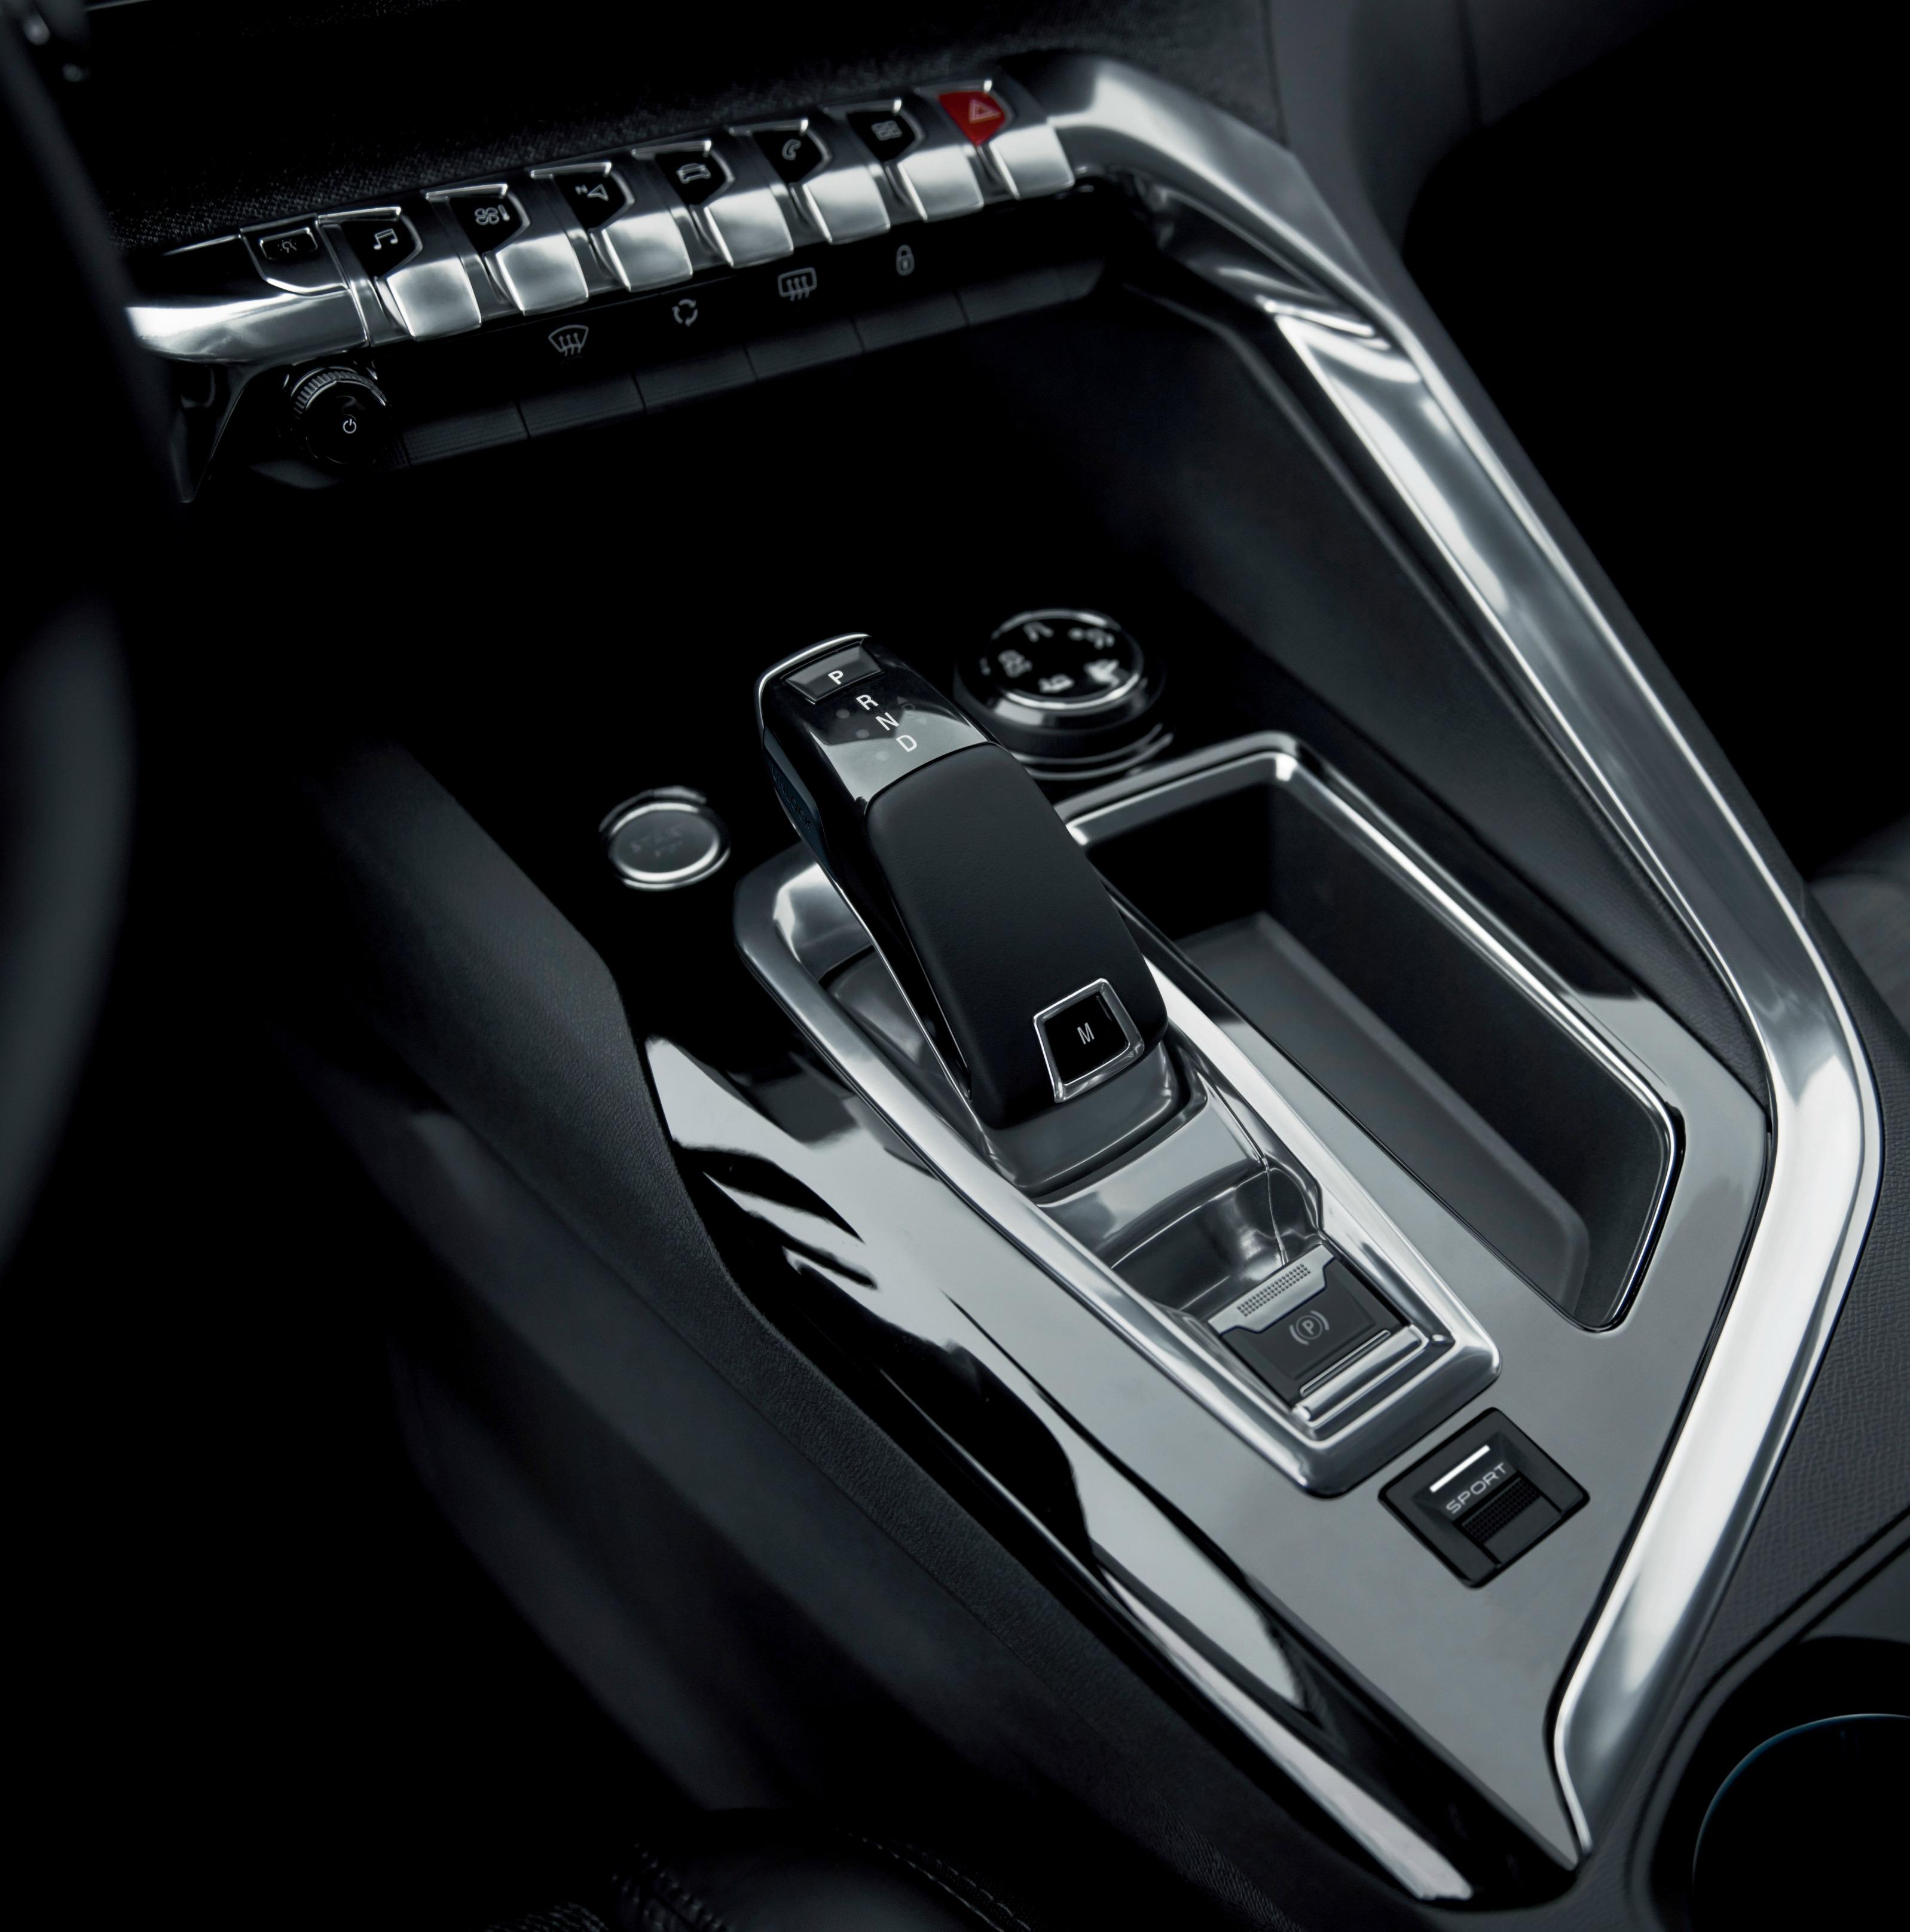 Le poste de commandes de la planche de bord futuriste est un bel objet de design et très ergonomique.